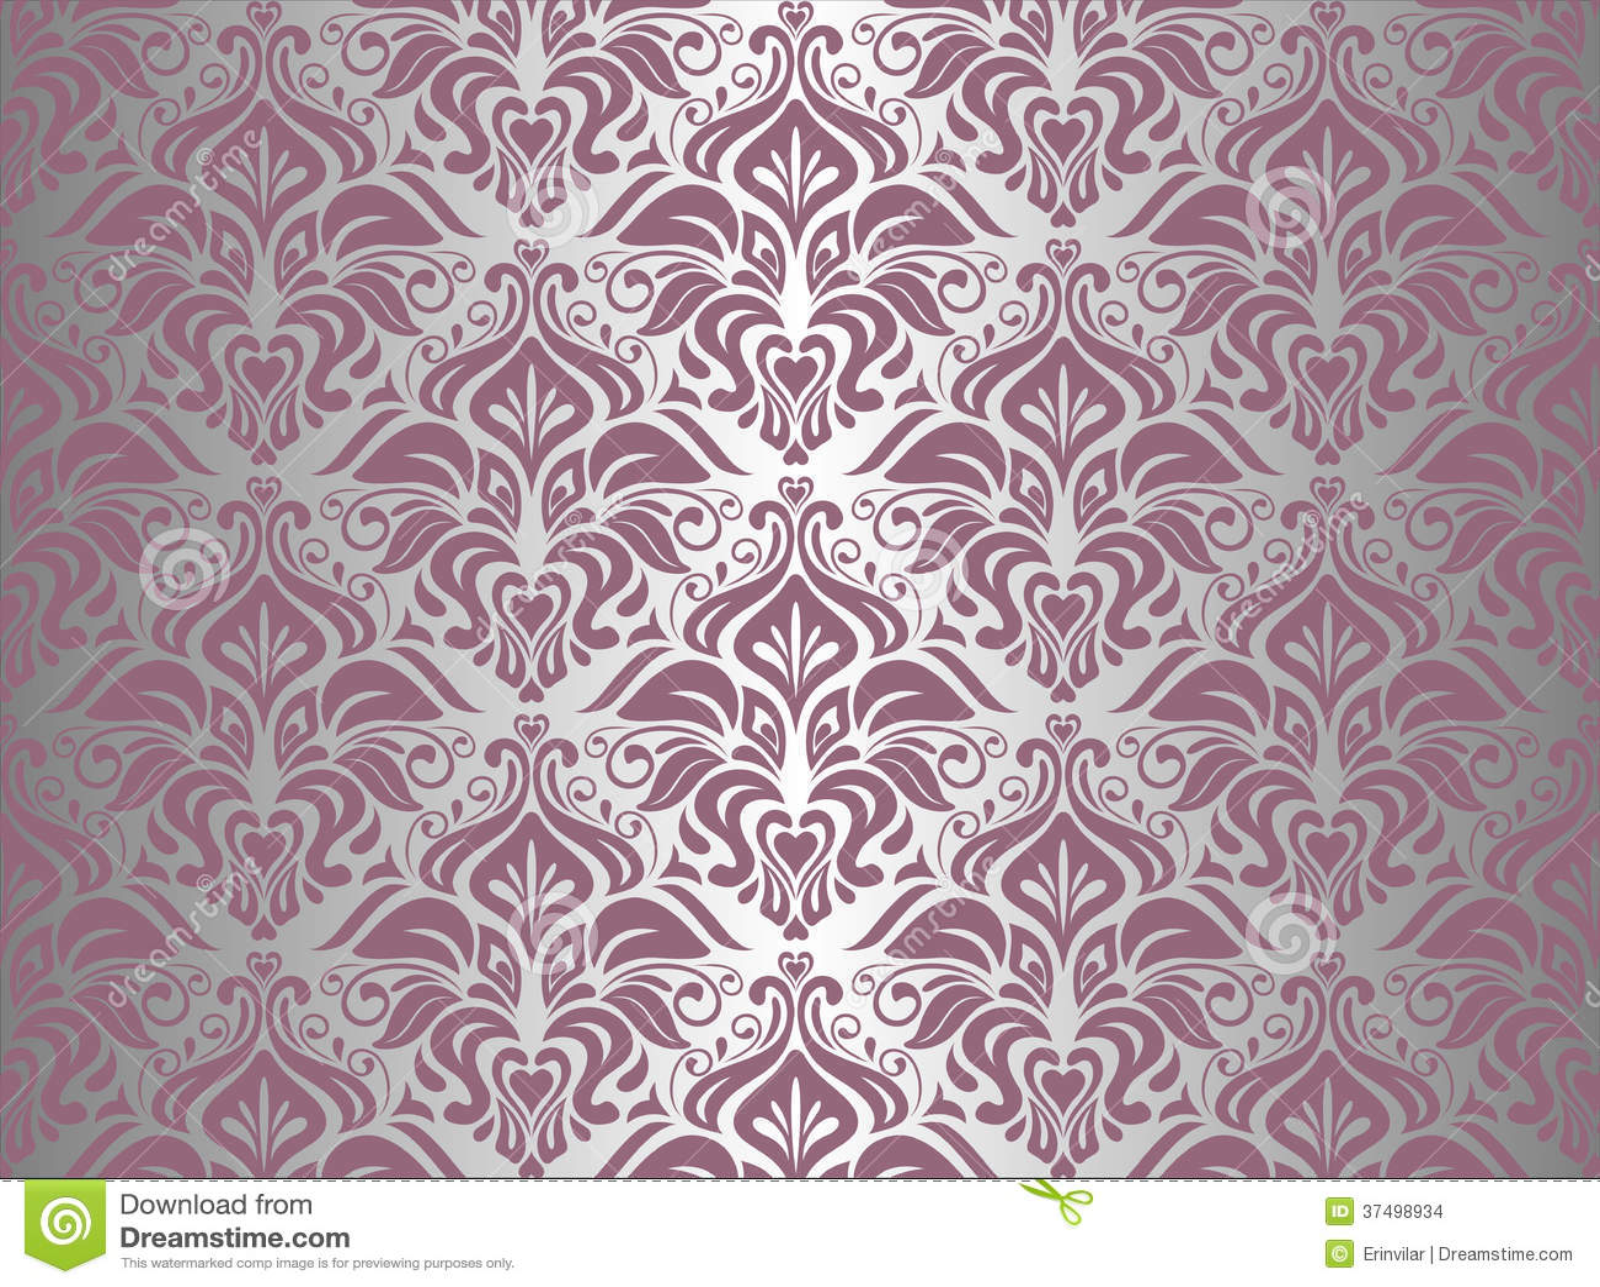 Carta Da Parati Damascata Rosa : Carta da parati d annata rosa d argento illustrazione vettoriale